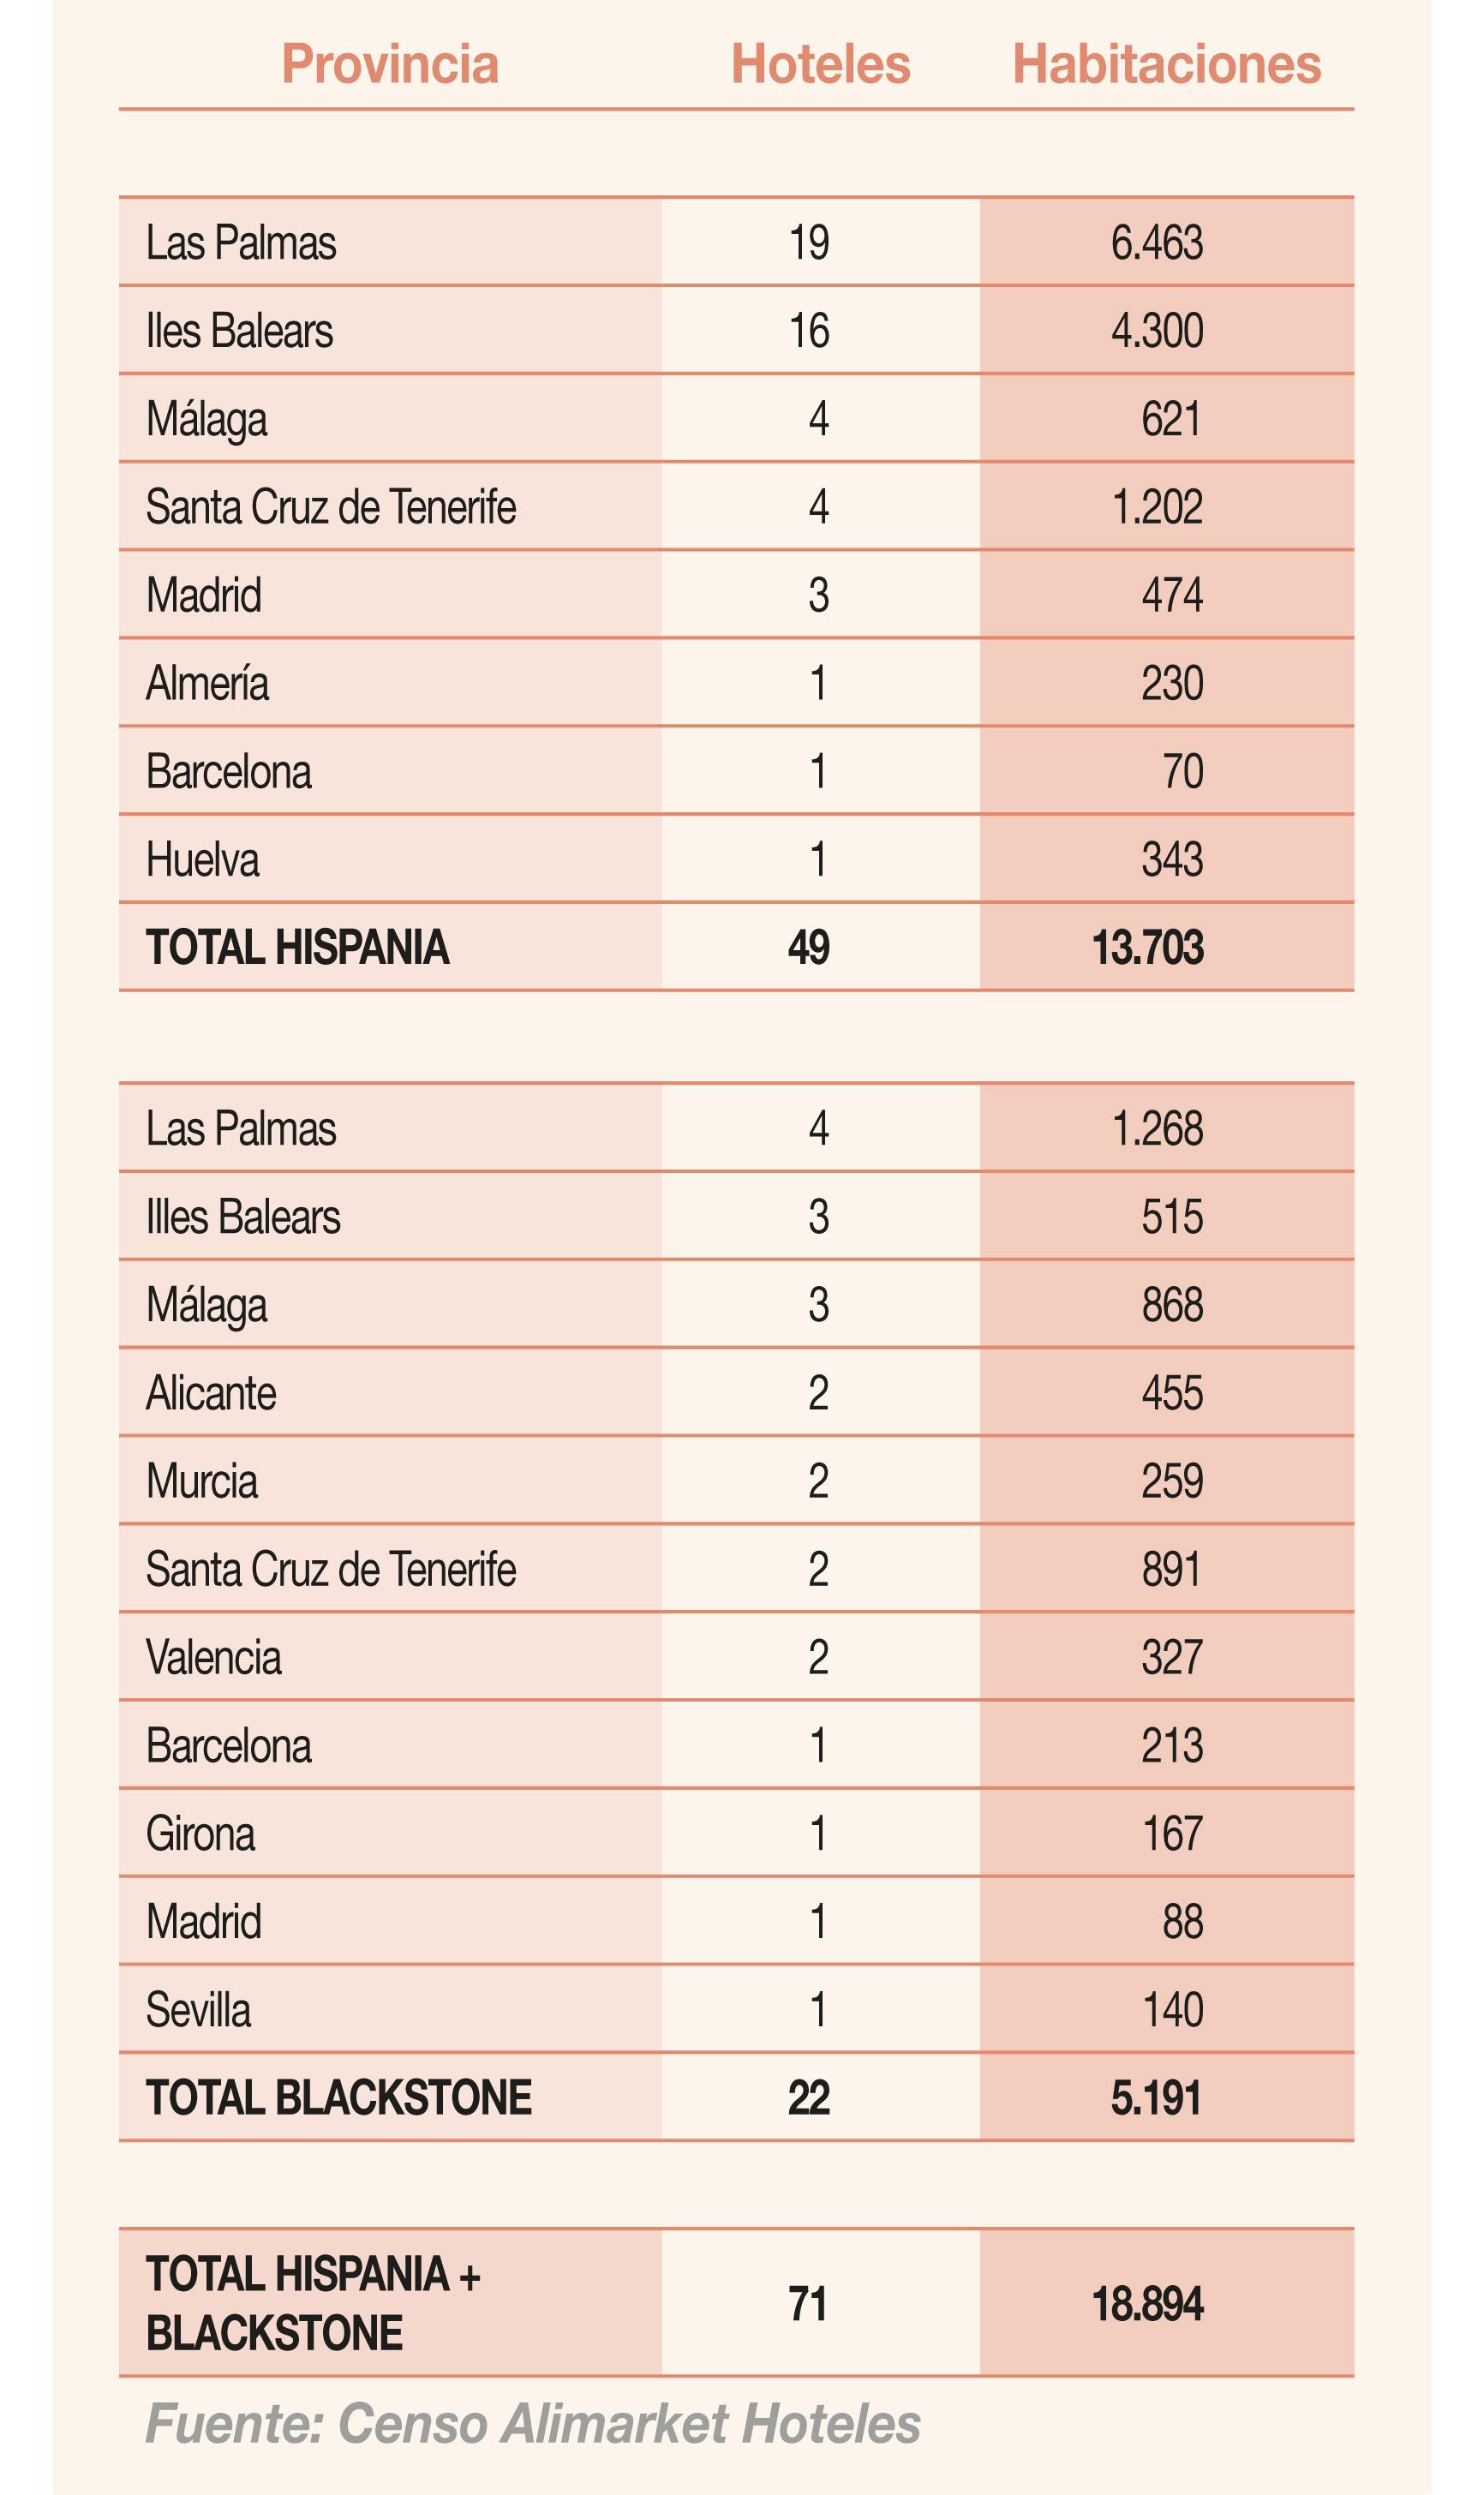 Distribución de los portfolios hoteleros de Hispania y Blackstone por provincias